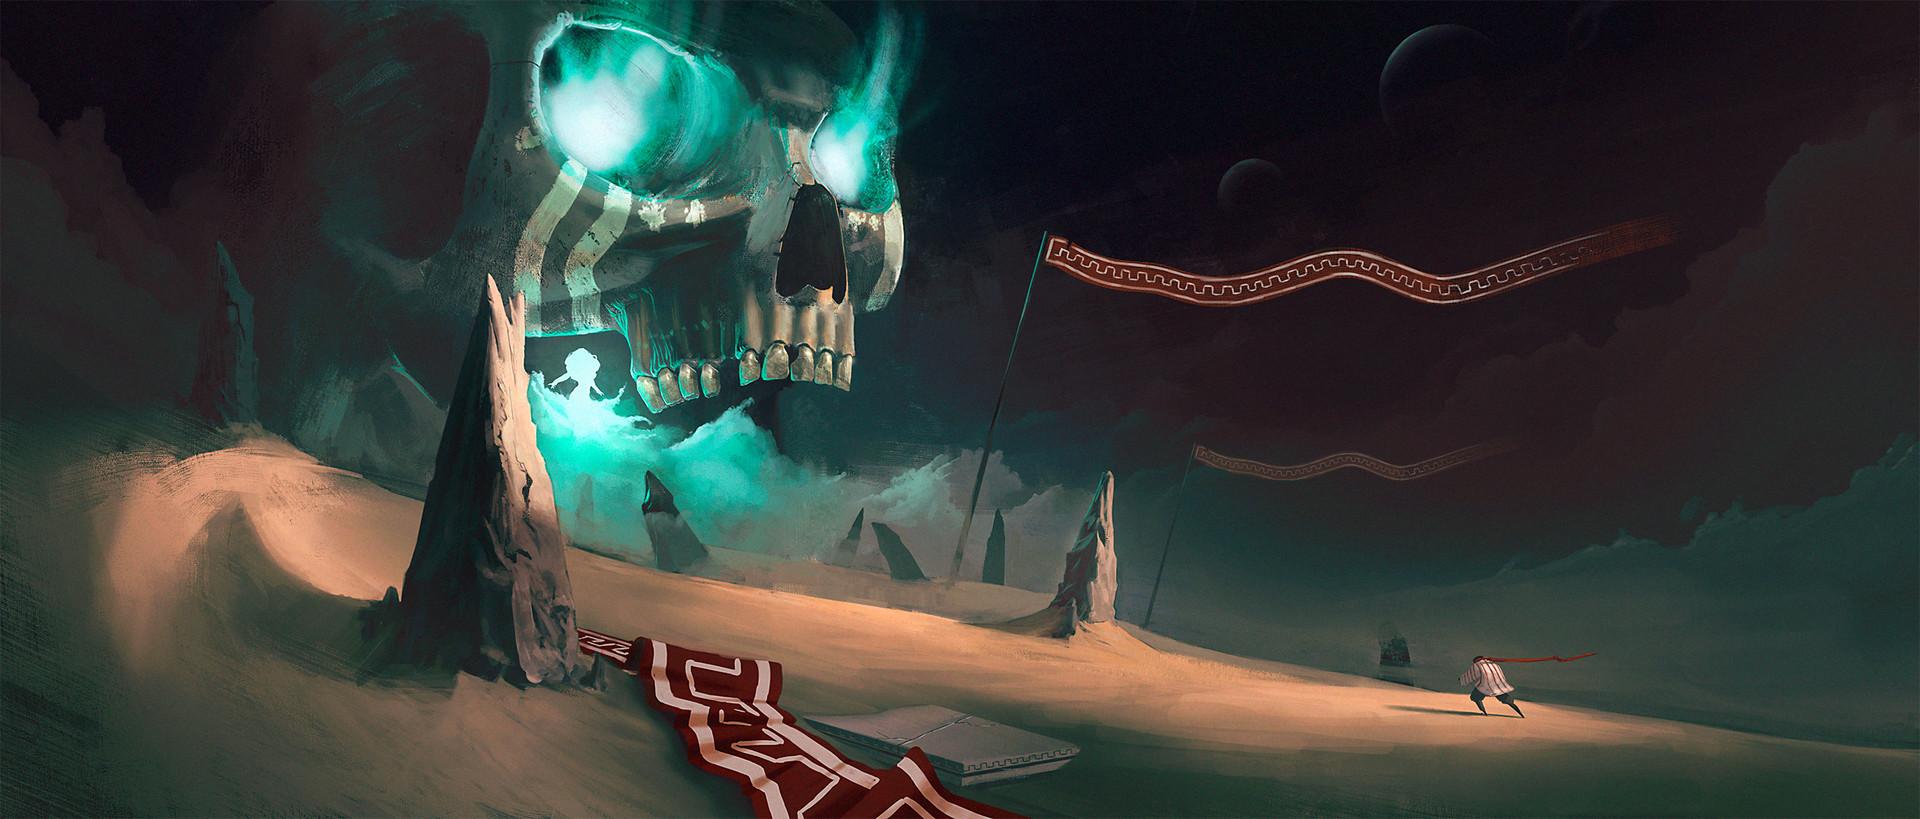 Max schiller mafaka animation bluesky 3 v07